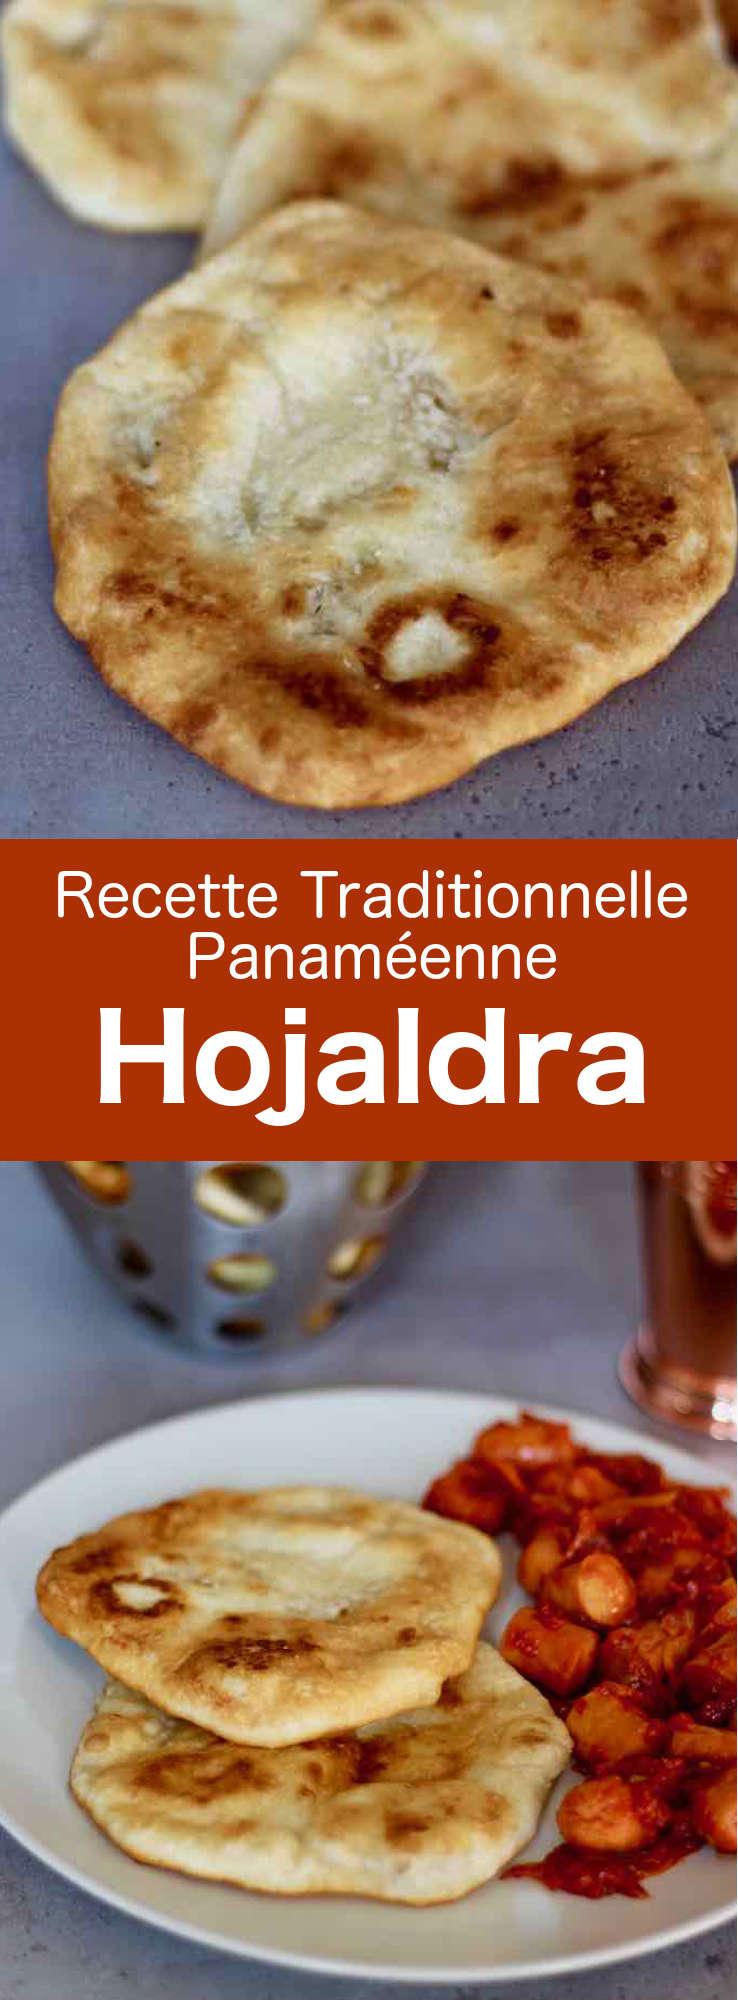 La hojaldra, appelée également hojaldre ou hojalda est un délicieux petit pain rond frit traditionnel panaméen que l'on retrouve également en Uruguay et en Colombie. #Panama #CuisinePanameenne #AmeriqueCentrale #CuisineDuMonde #196flavors